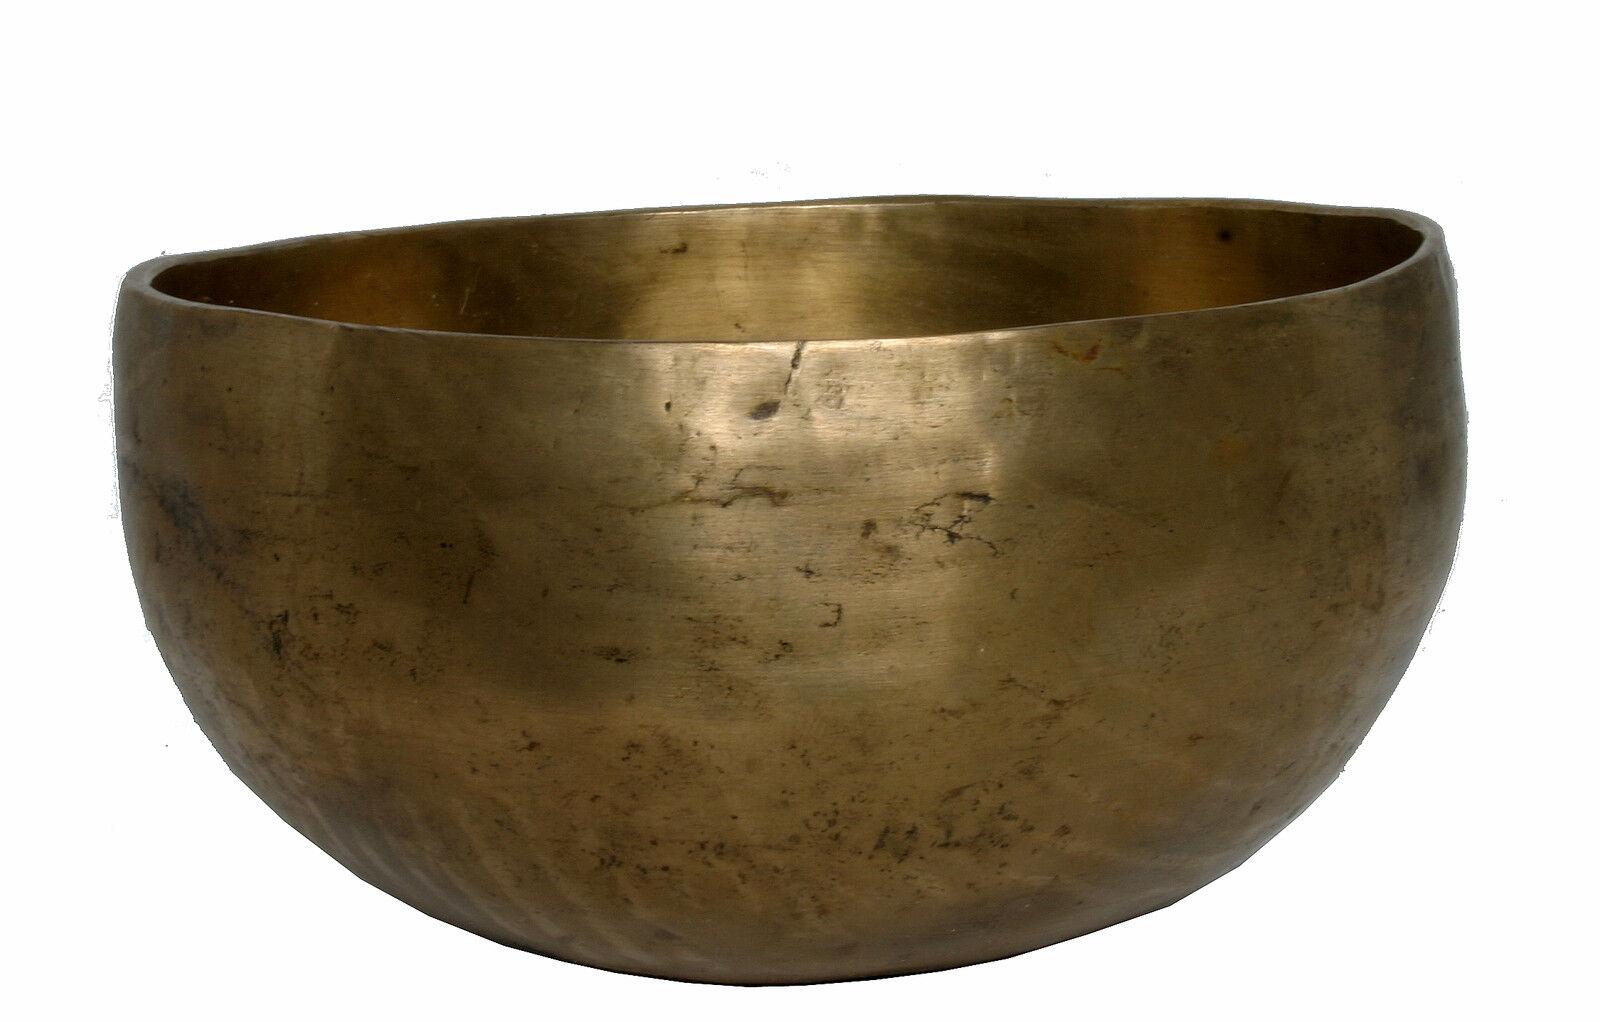 Suono GUSCIO singing bowl Tibet hörprobe Cuenco tibetano meditazione 574g m69h